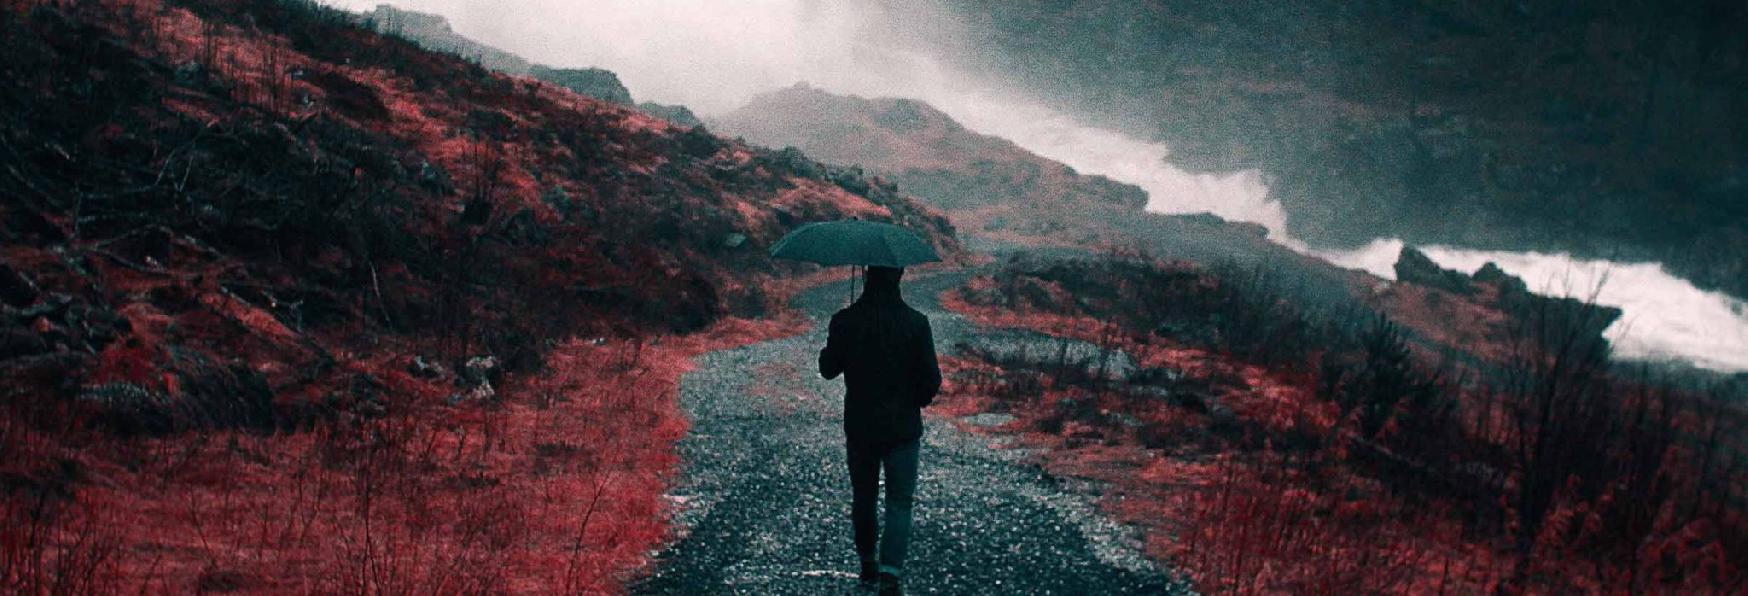 The Rain: è ufficiale, Netflix Rinnova la Serie per una Terza e Ultima Stagione